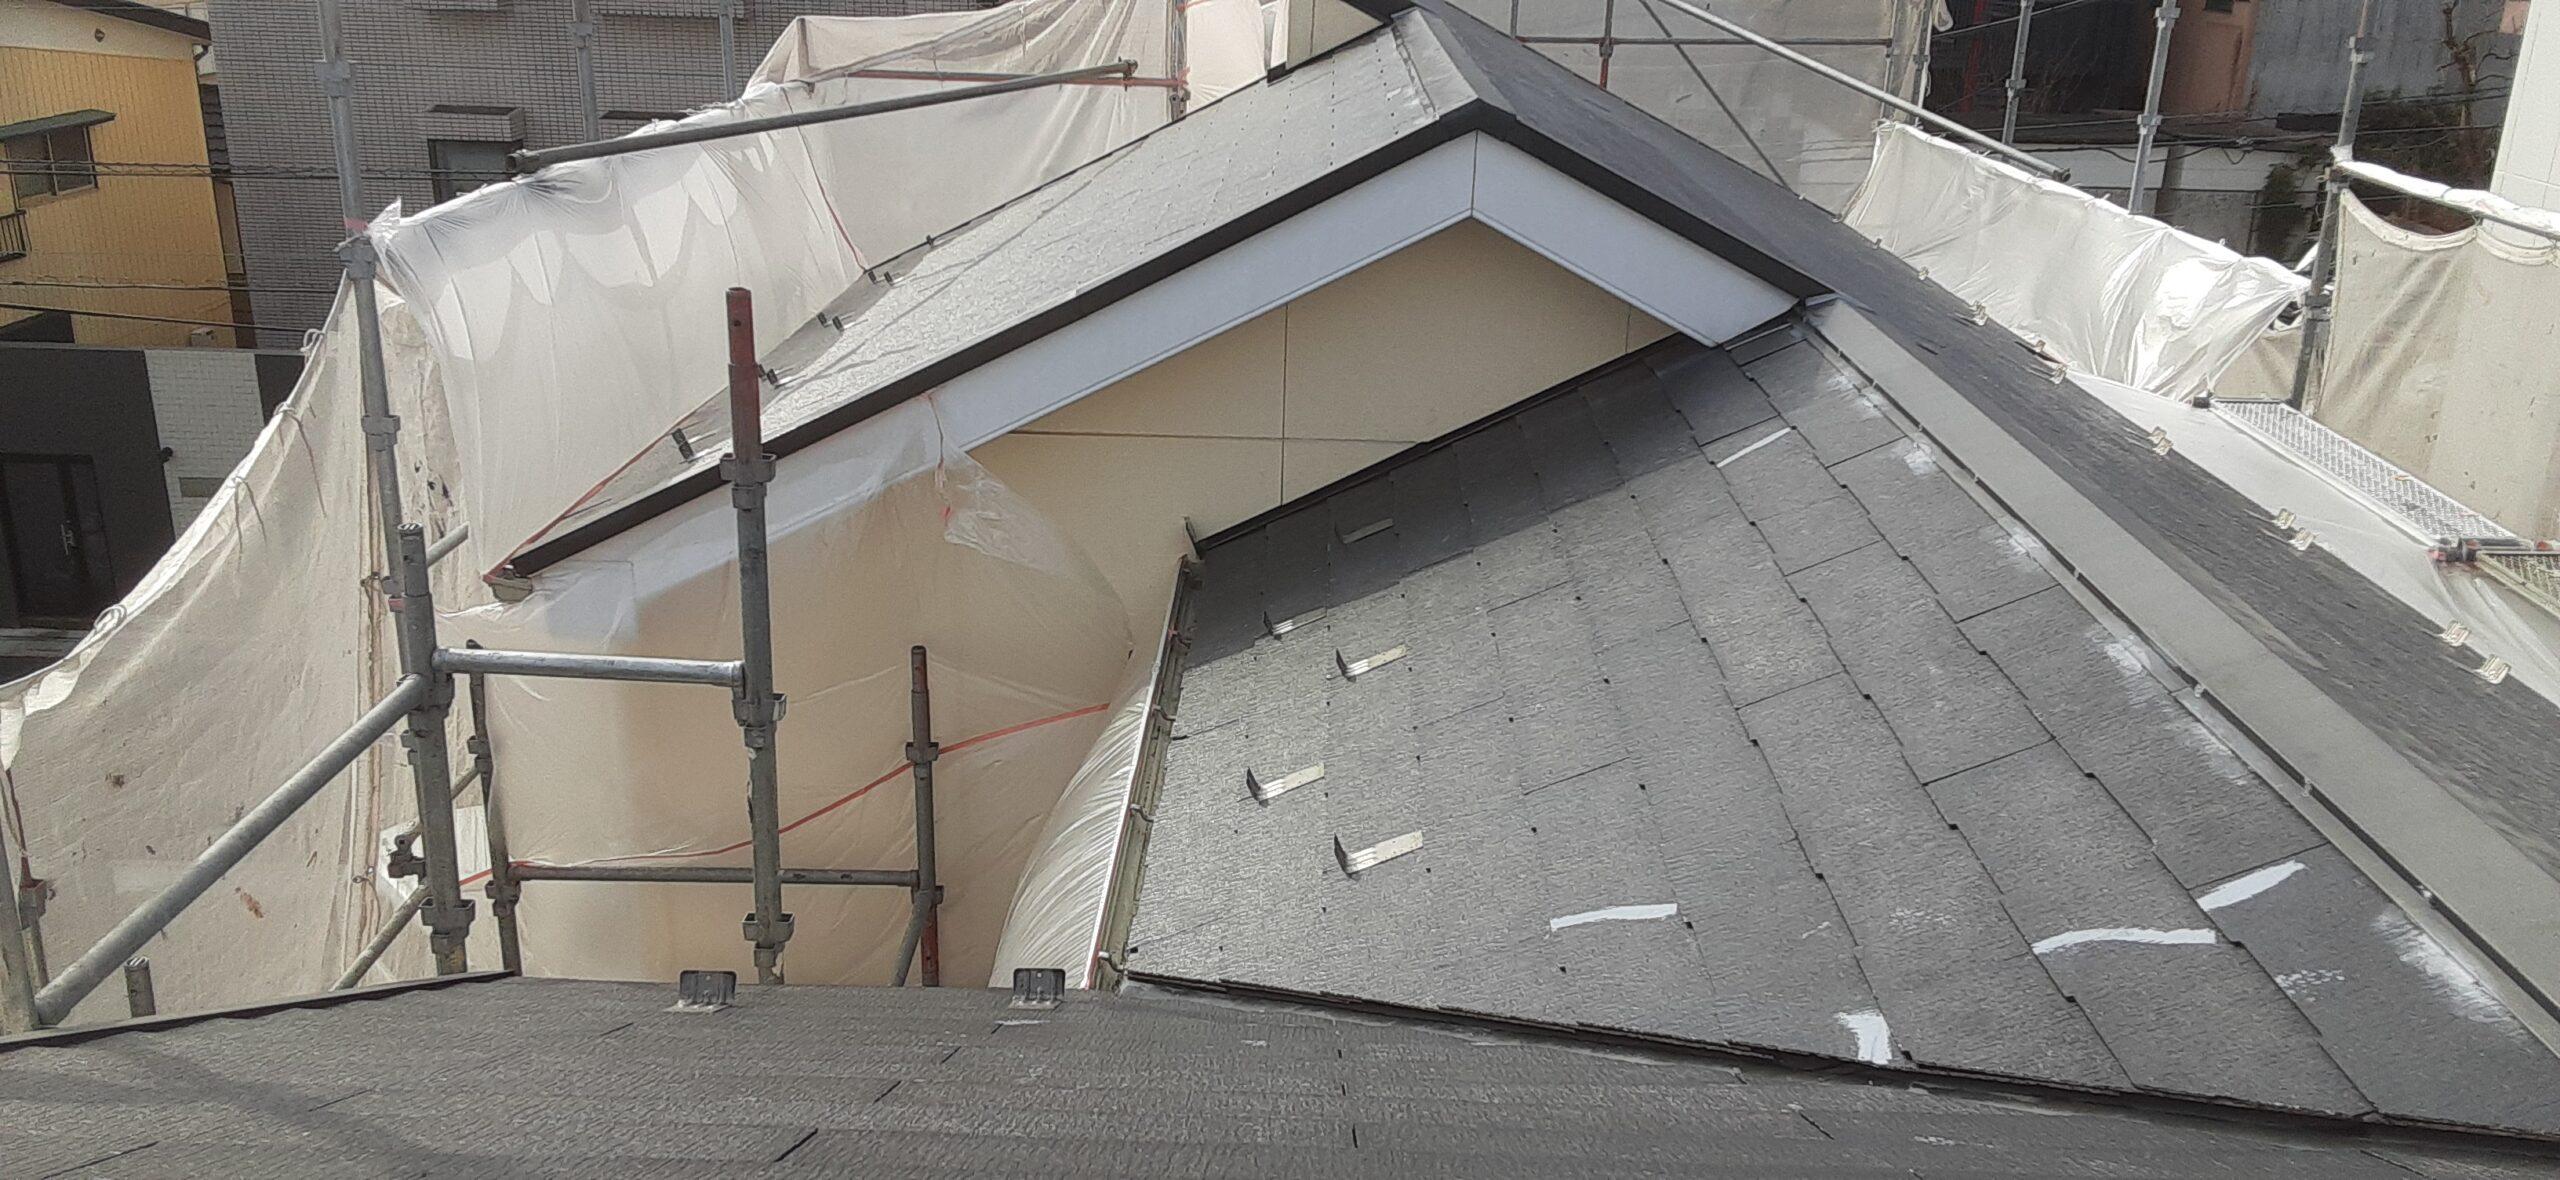 屋根の下塗り塗装/さいたま市岩槻区の)(木造2階建て)S様邸にて塗り替えリホーム中